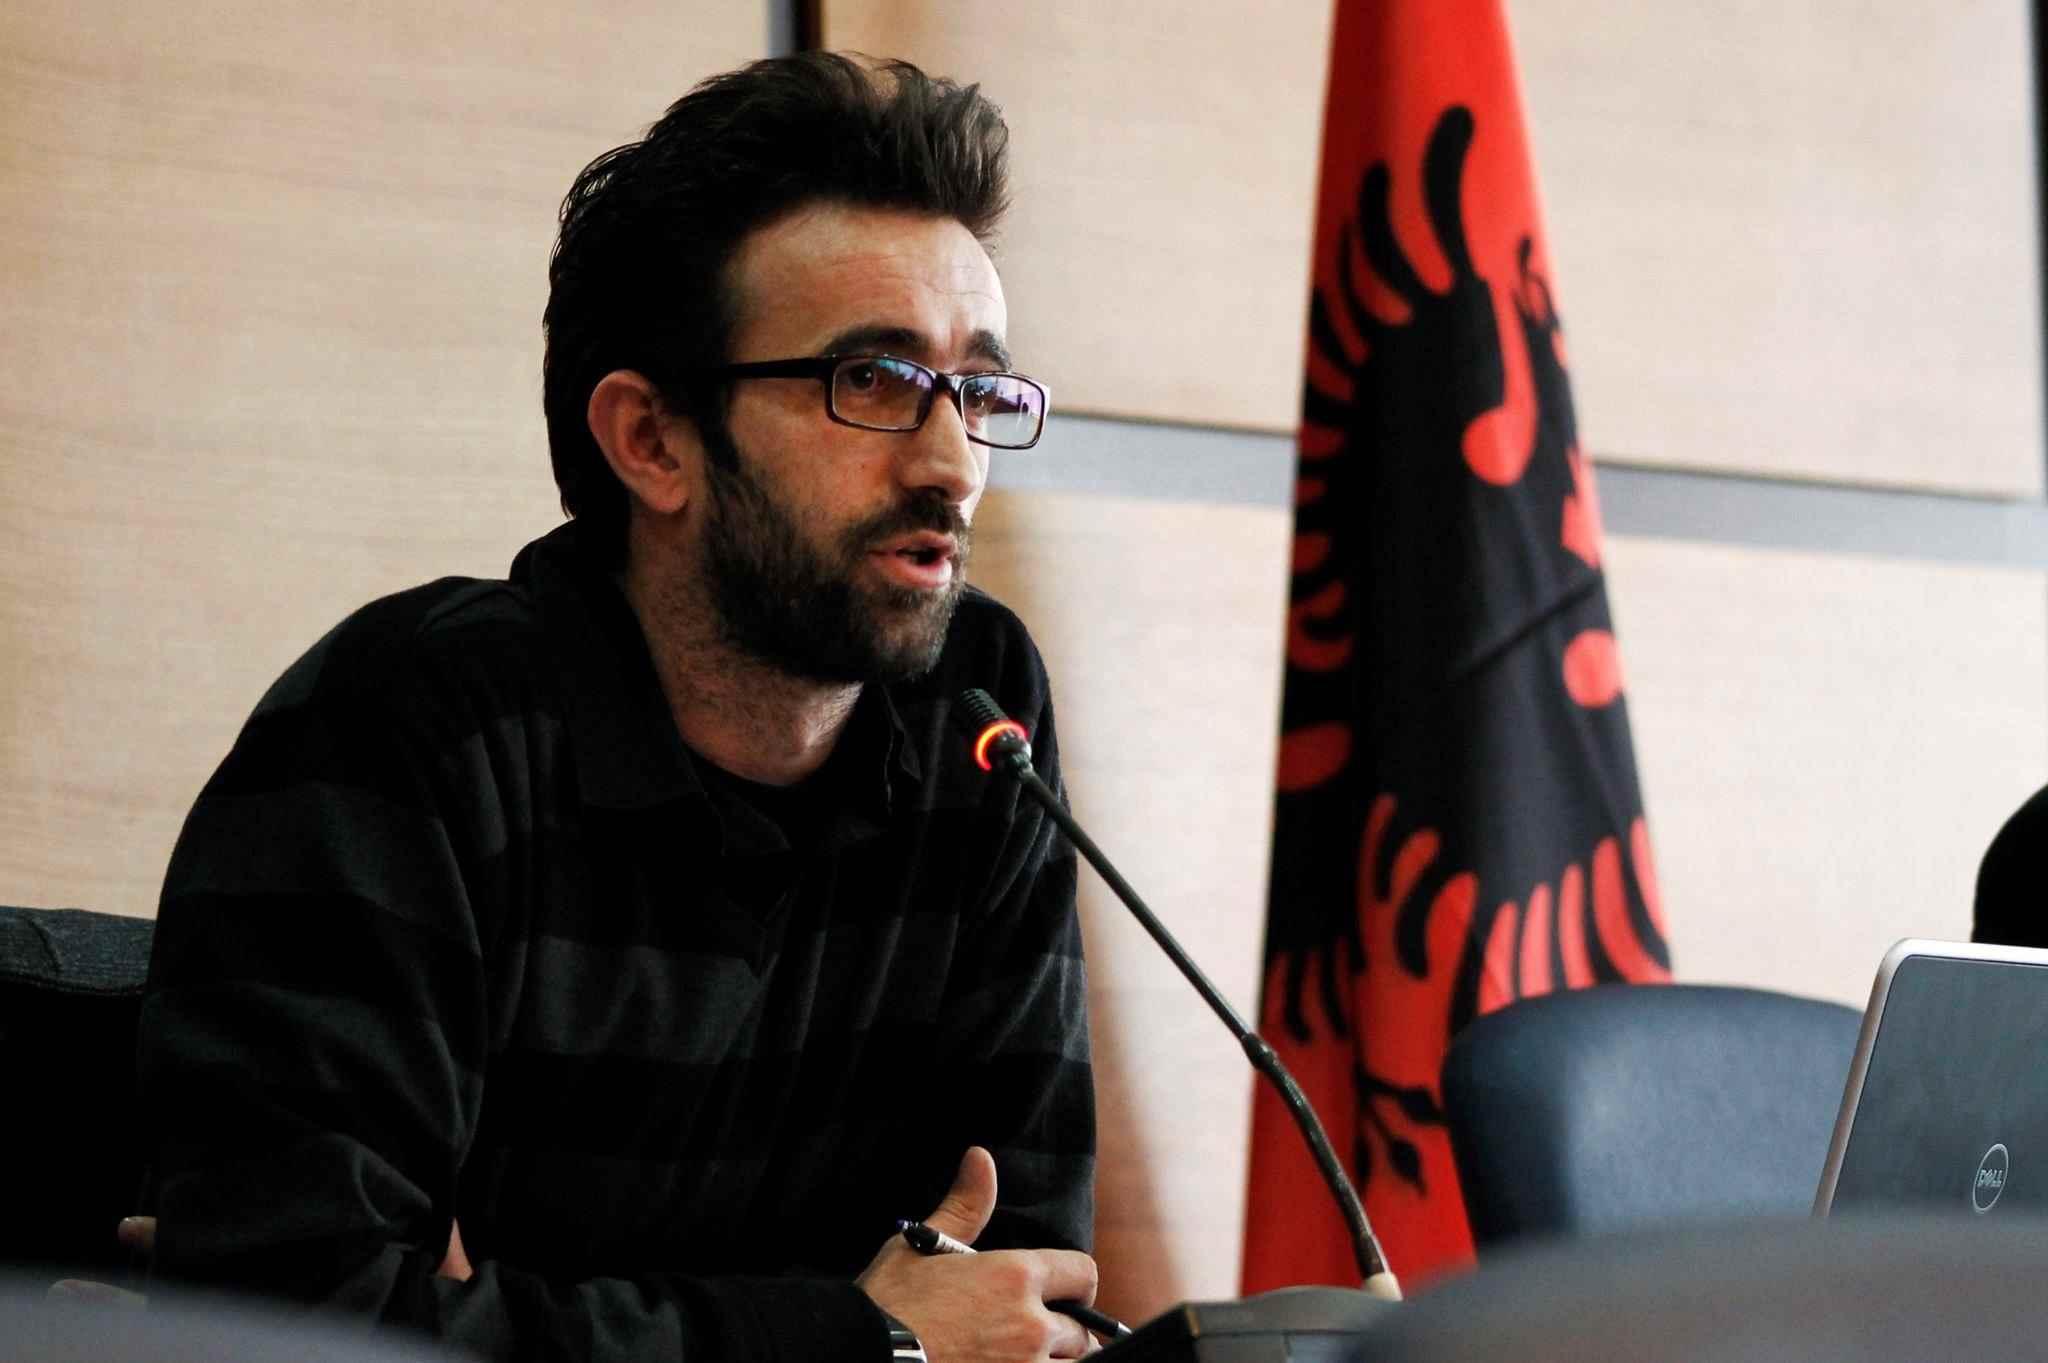 Vetëmashtrimet rrënuese të shqiptarëve - 1. Vetëmashtrimi për qytetërimin tonë